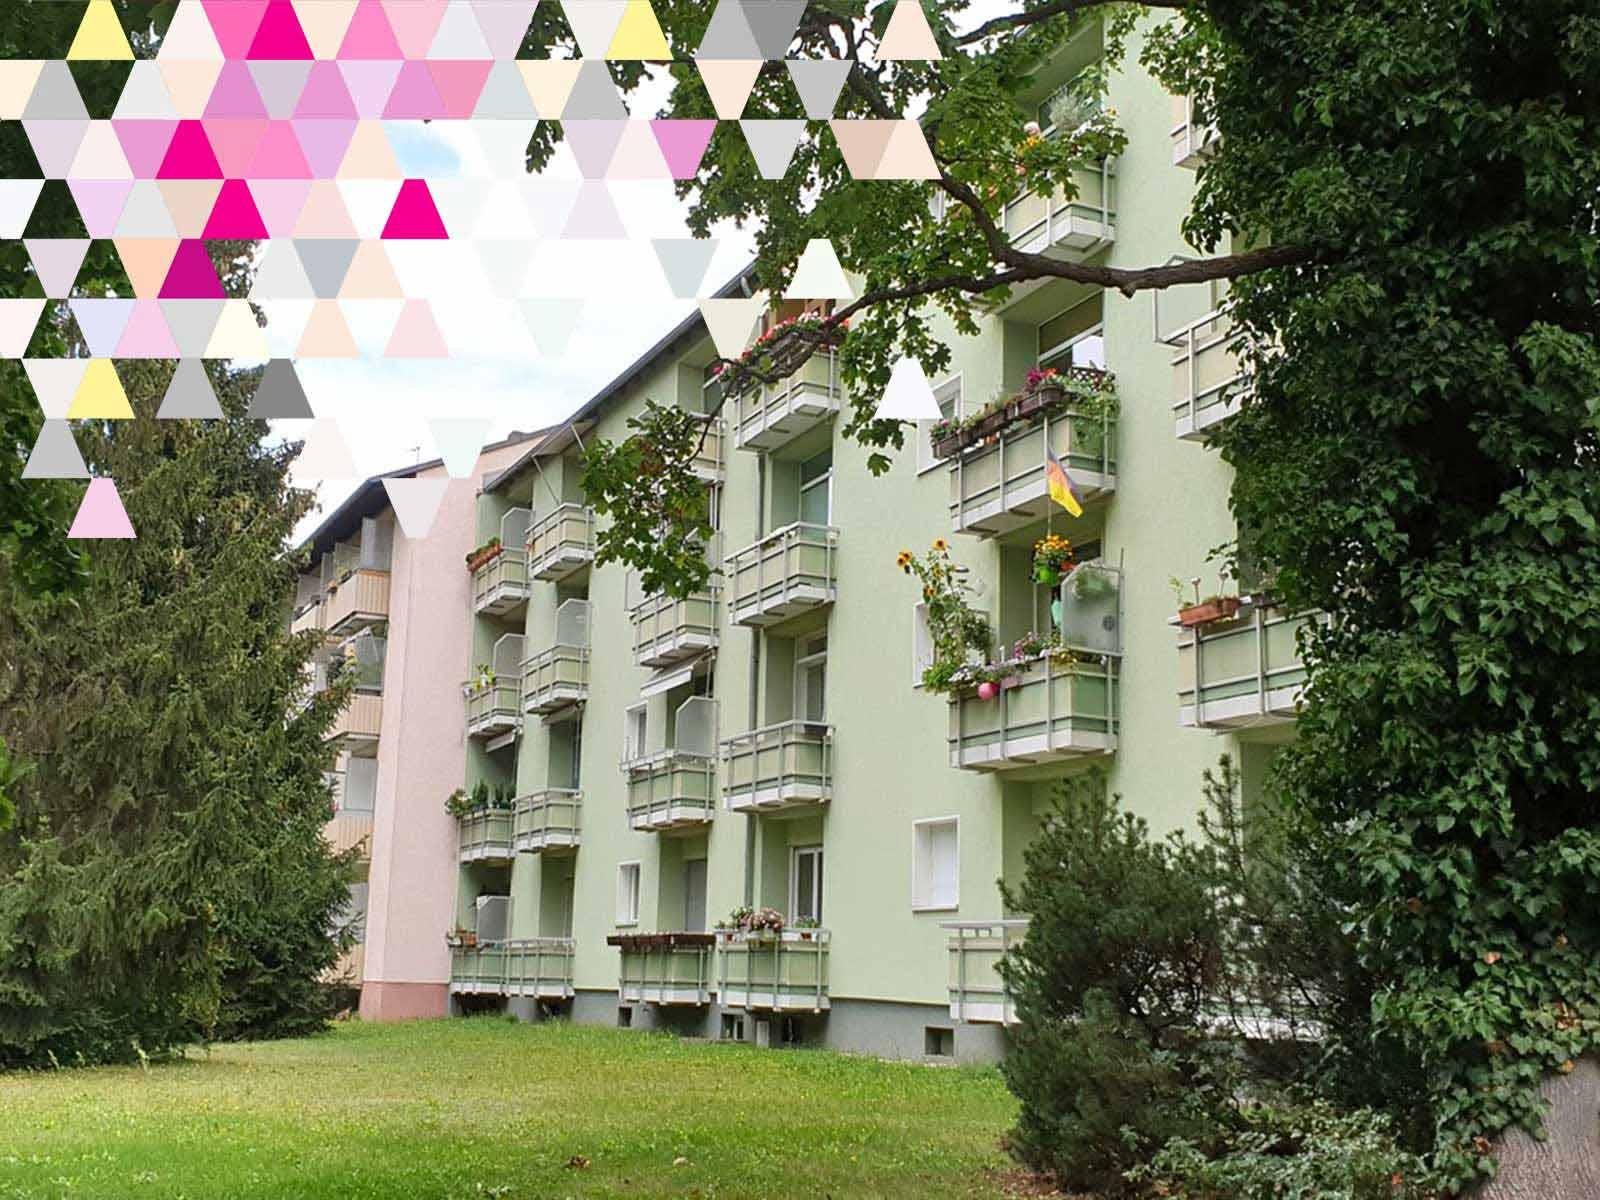 Referenz: Eigentumswohnung in Berlin Lankwitz